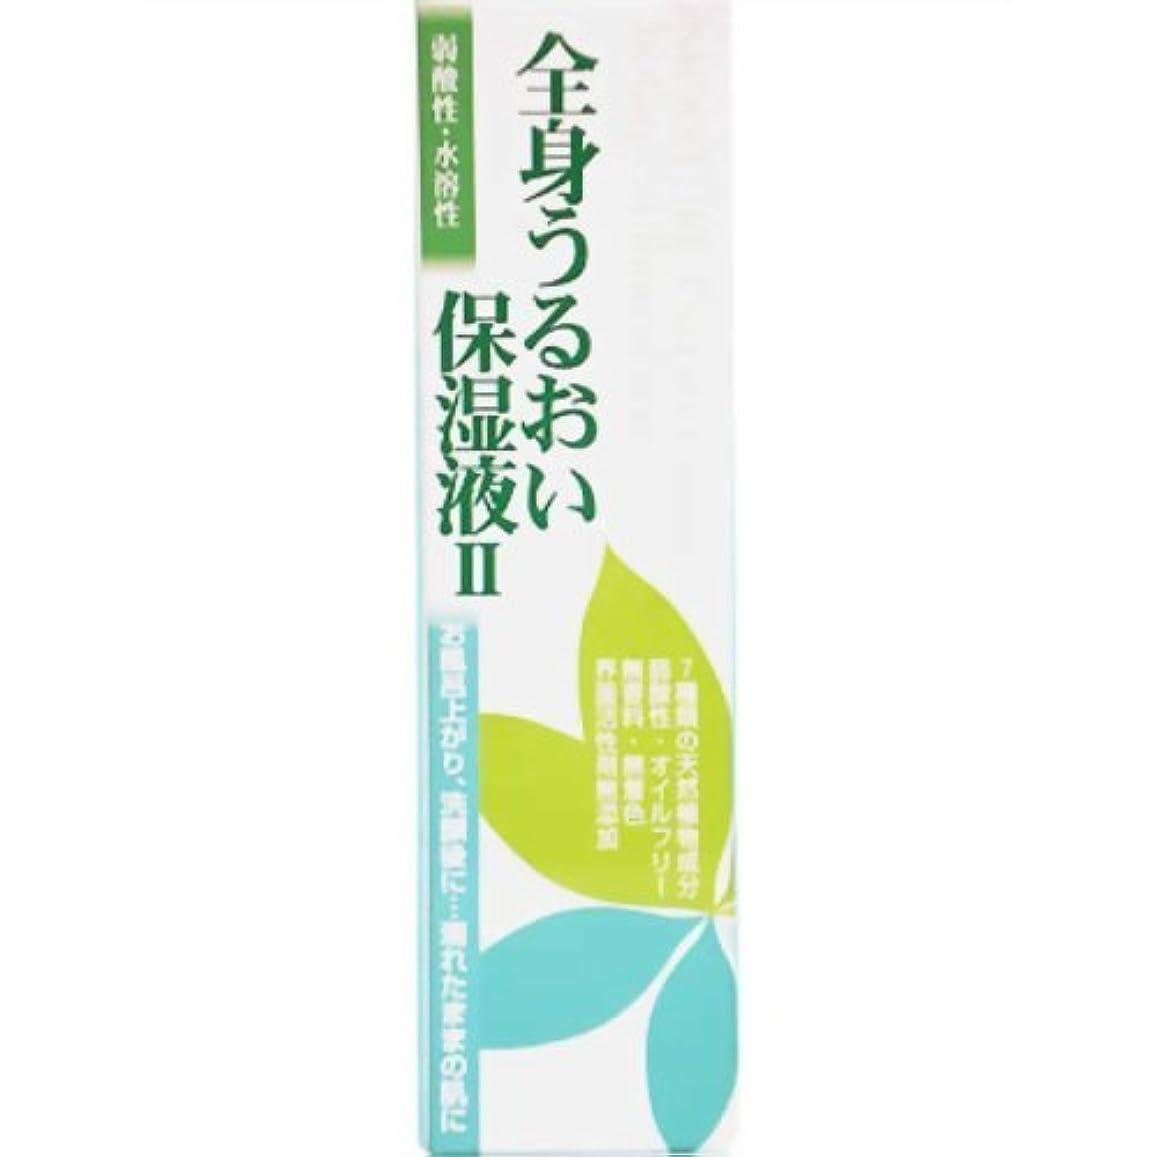 不調和保全拍手する全身うるおい保湿液(まろやか薬用スキントリートメント) 250ml